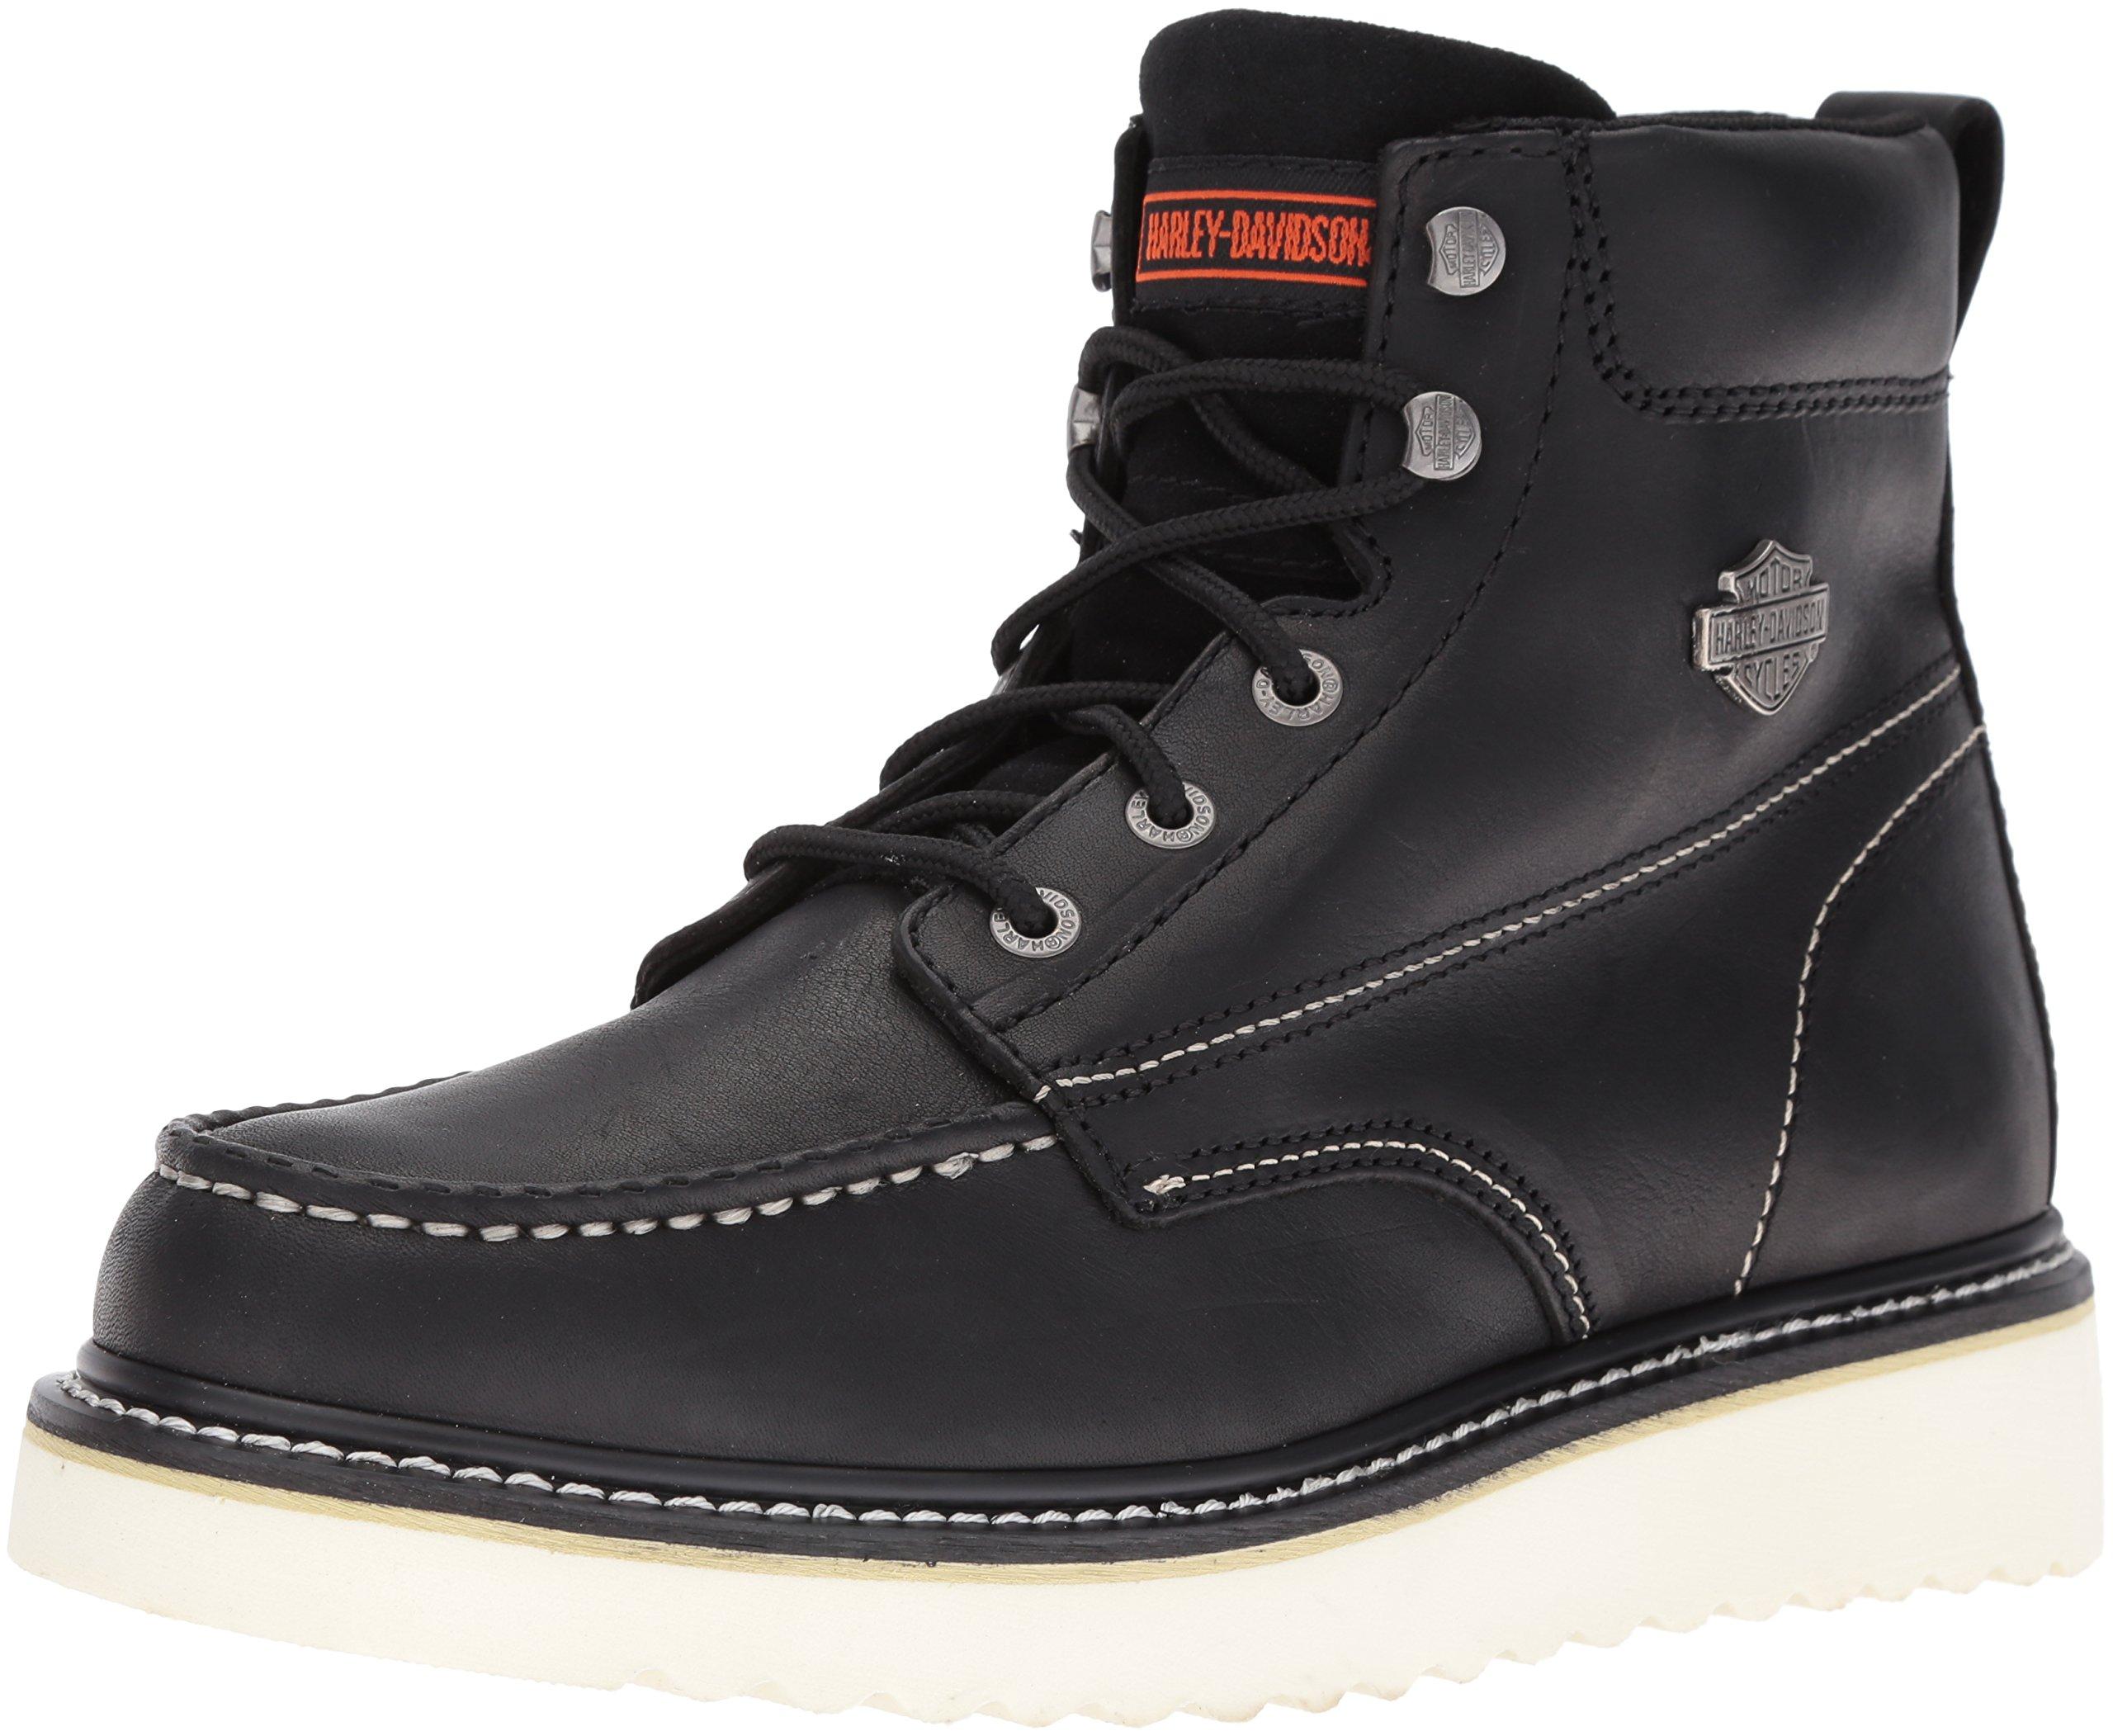 Harley-davidson Men's Candler Work Boot, Black, 10 M US